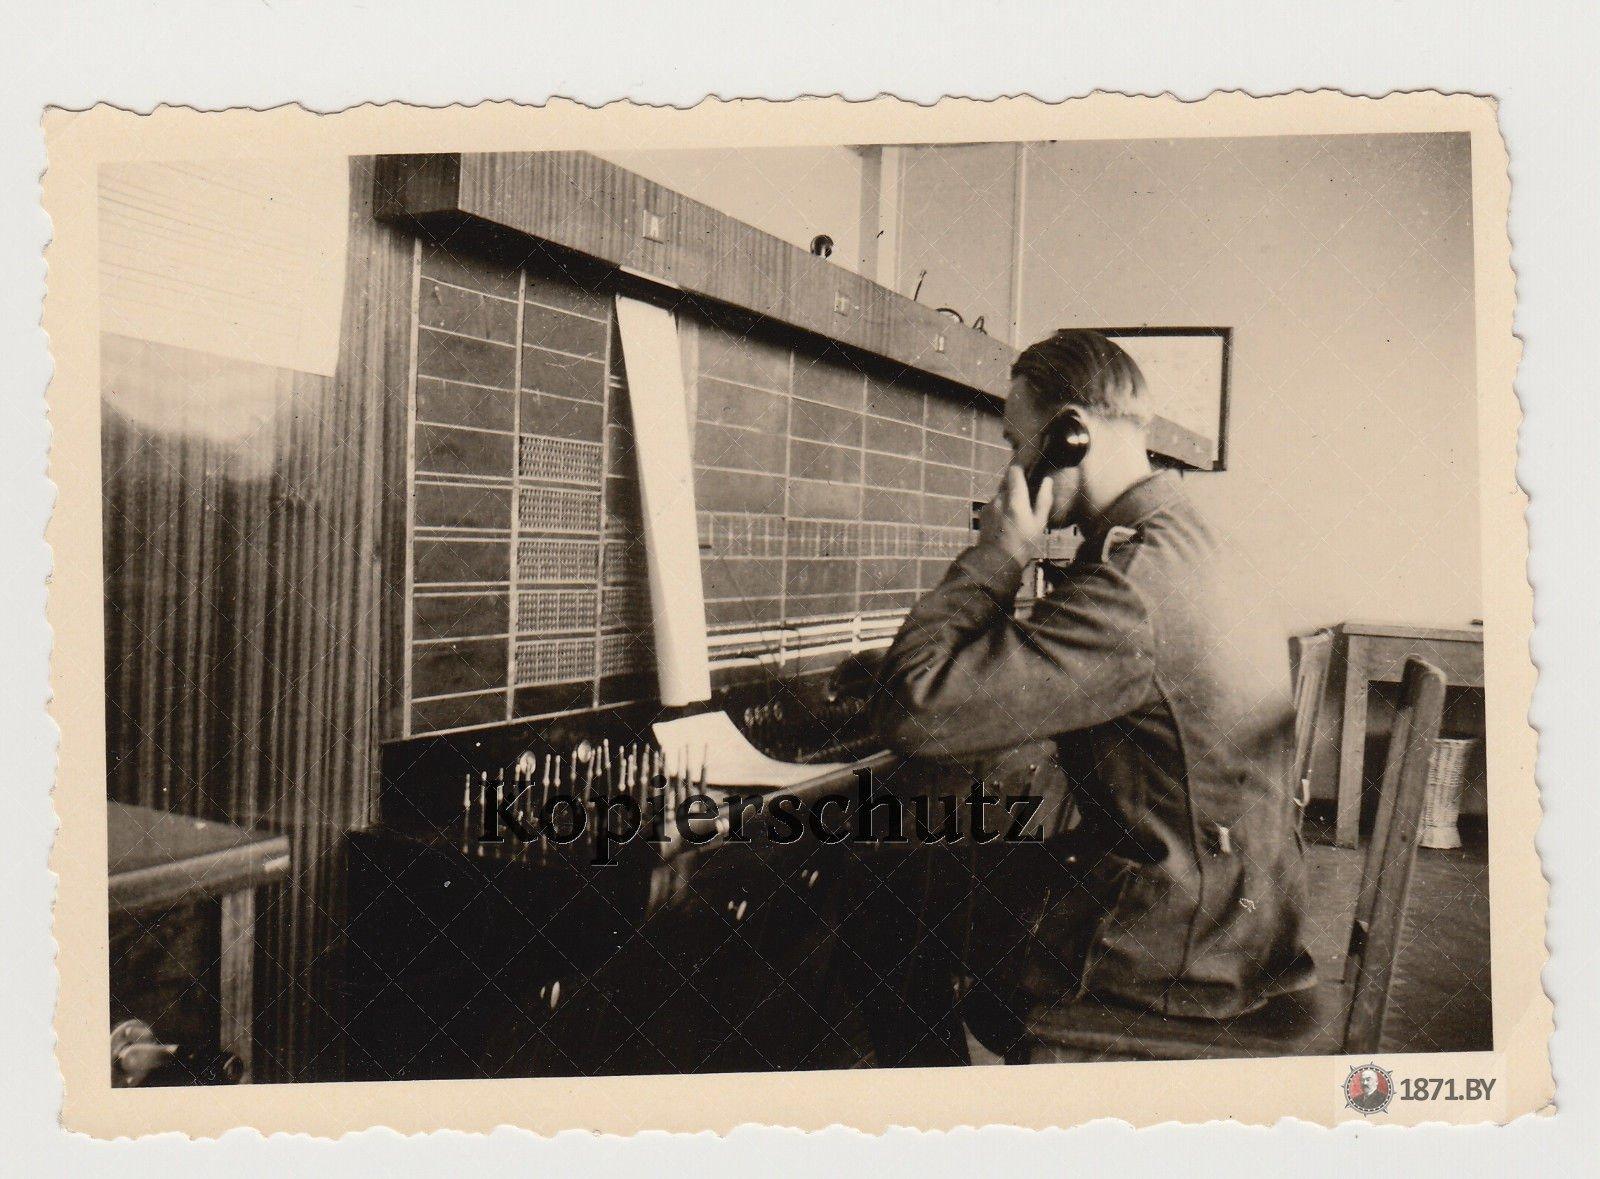 Foto 2. Wk Luftwaffe Soldat auf Vermittlungsstelle in Baranowicze Baranawitschy22